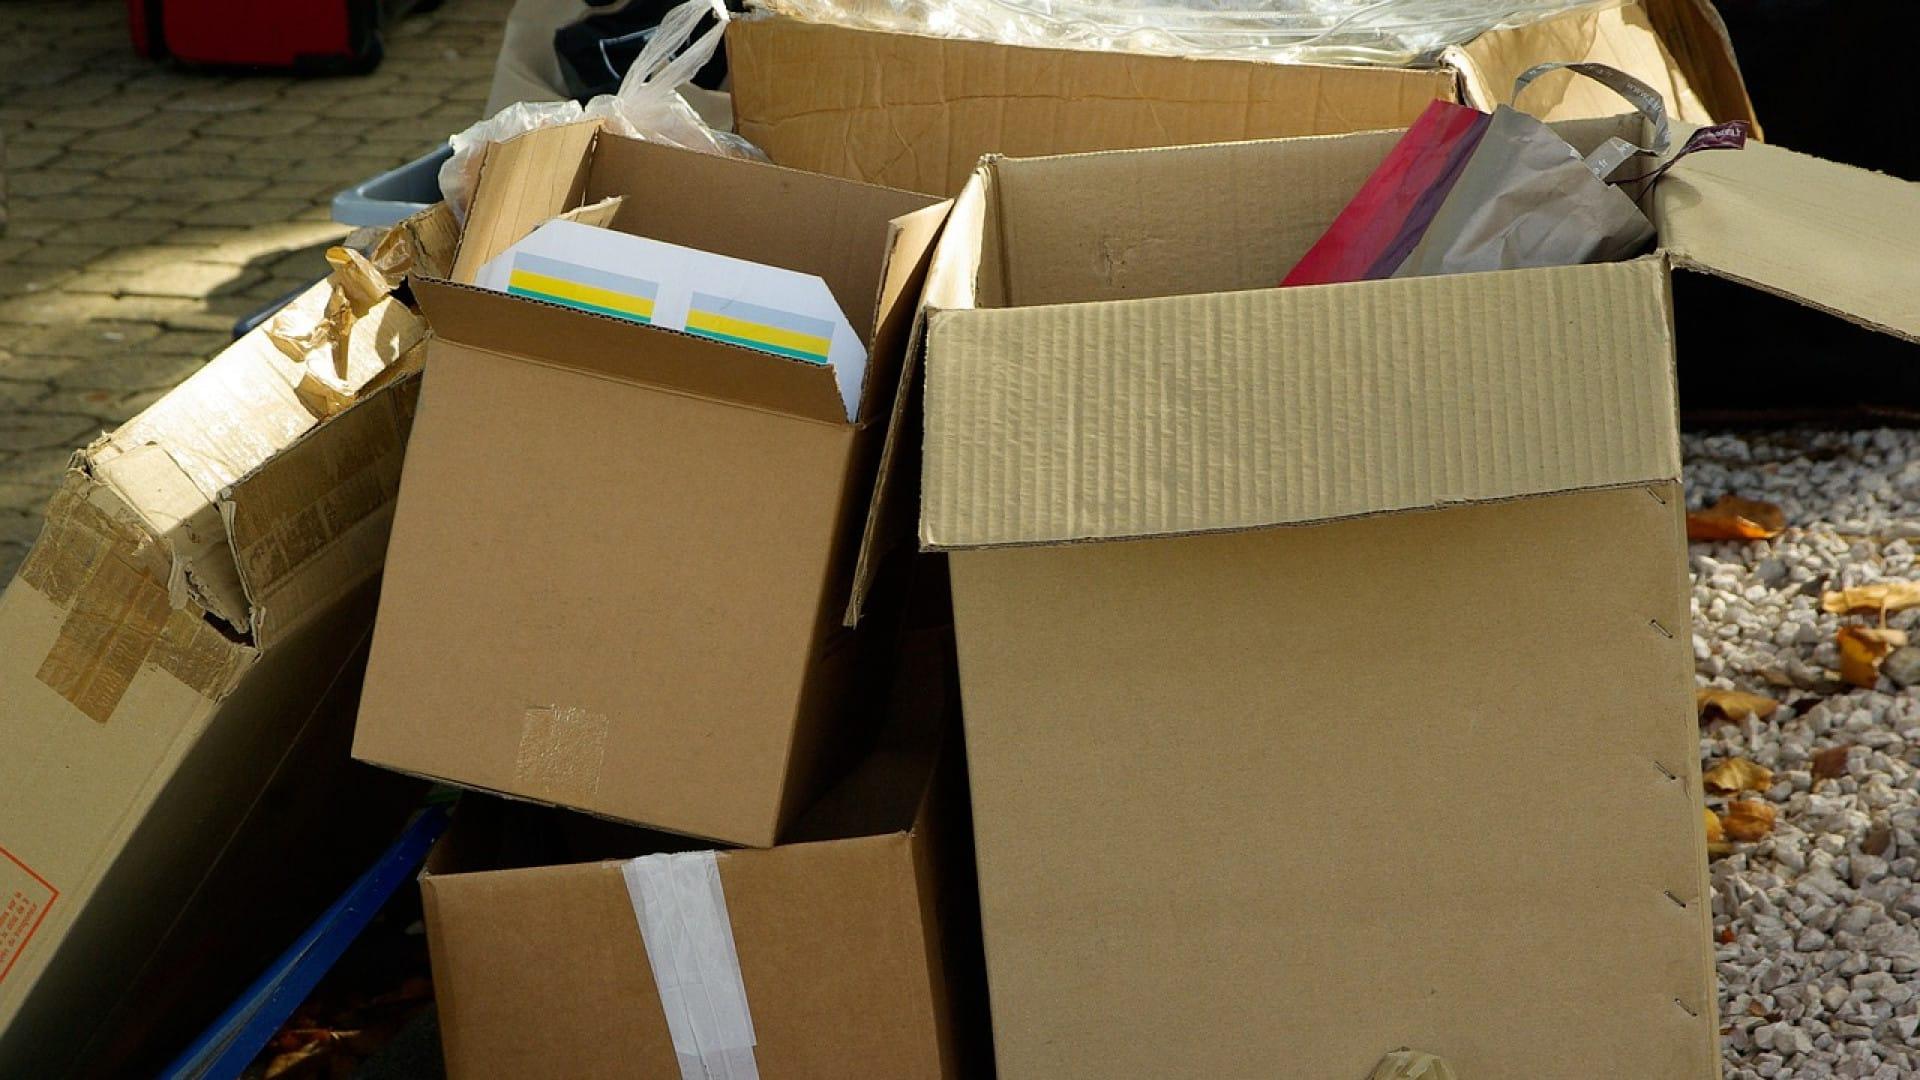 Comment bien choisir ses cartons de déménagement